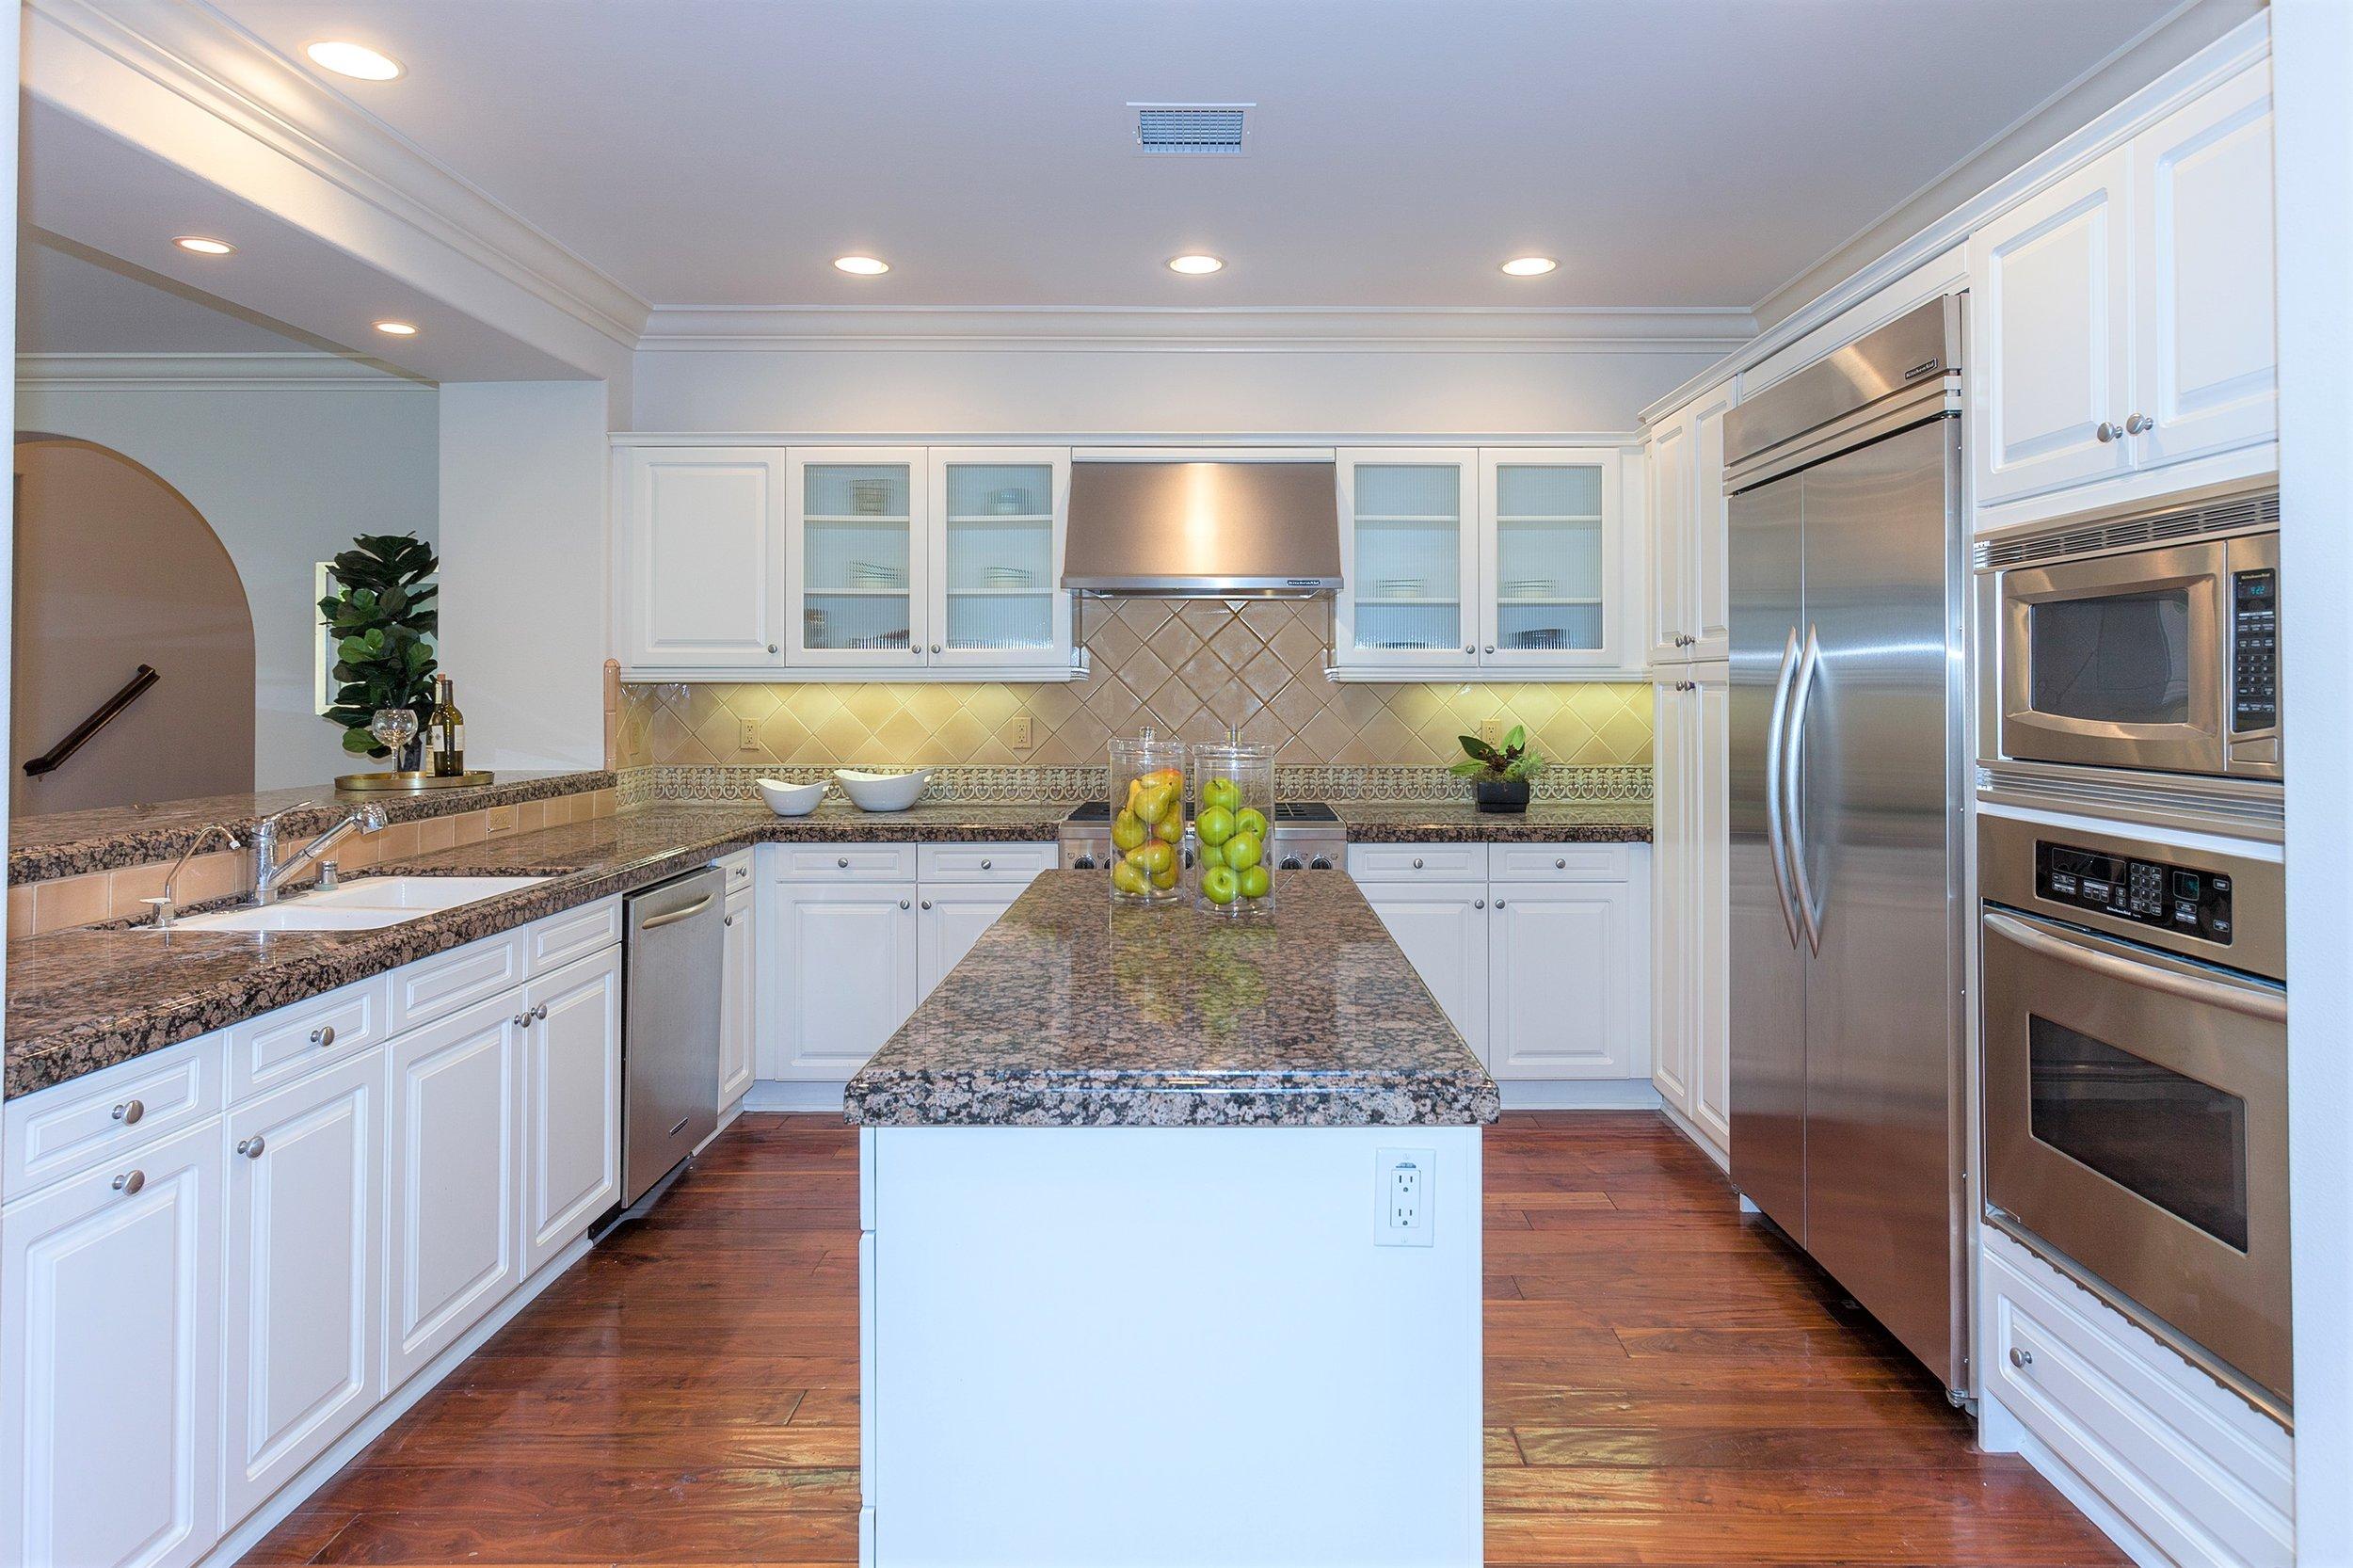 207 Tuberose - Kitchen 2.jpg